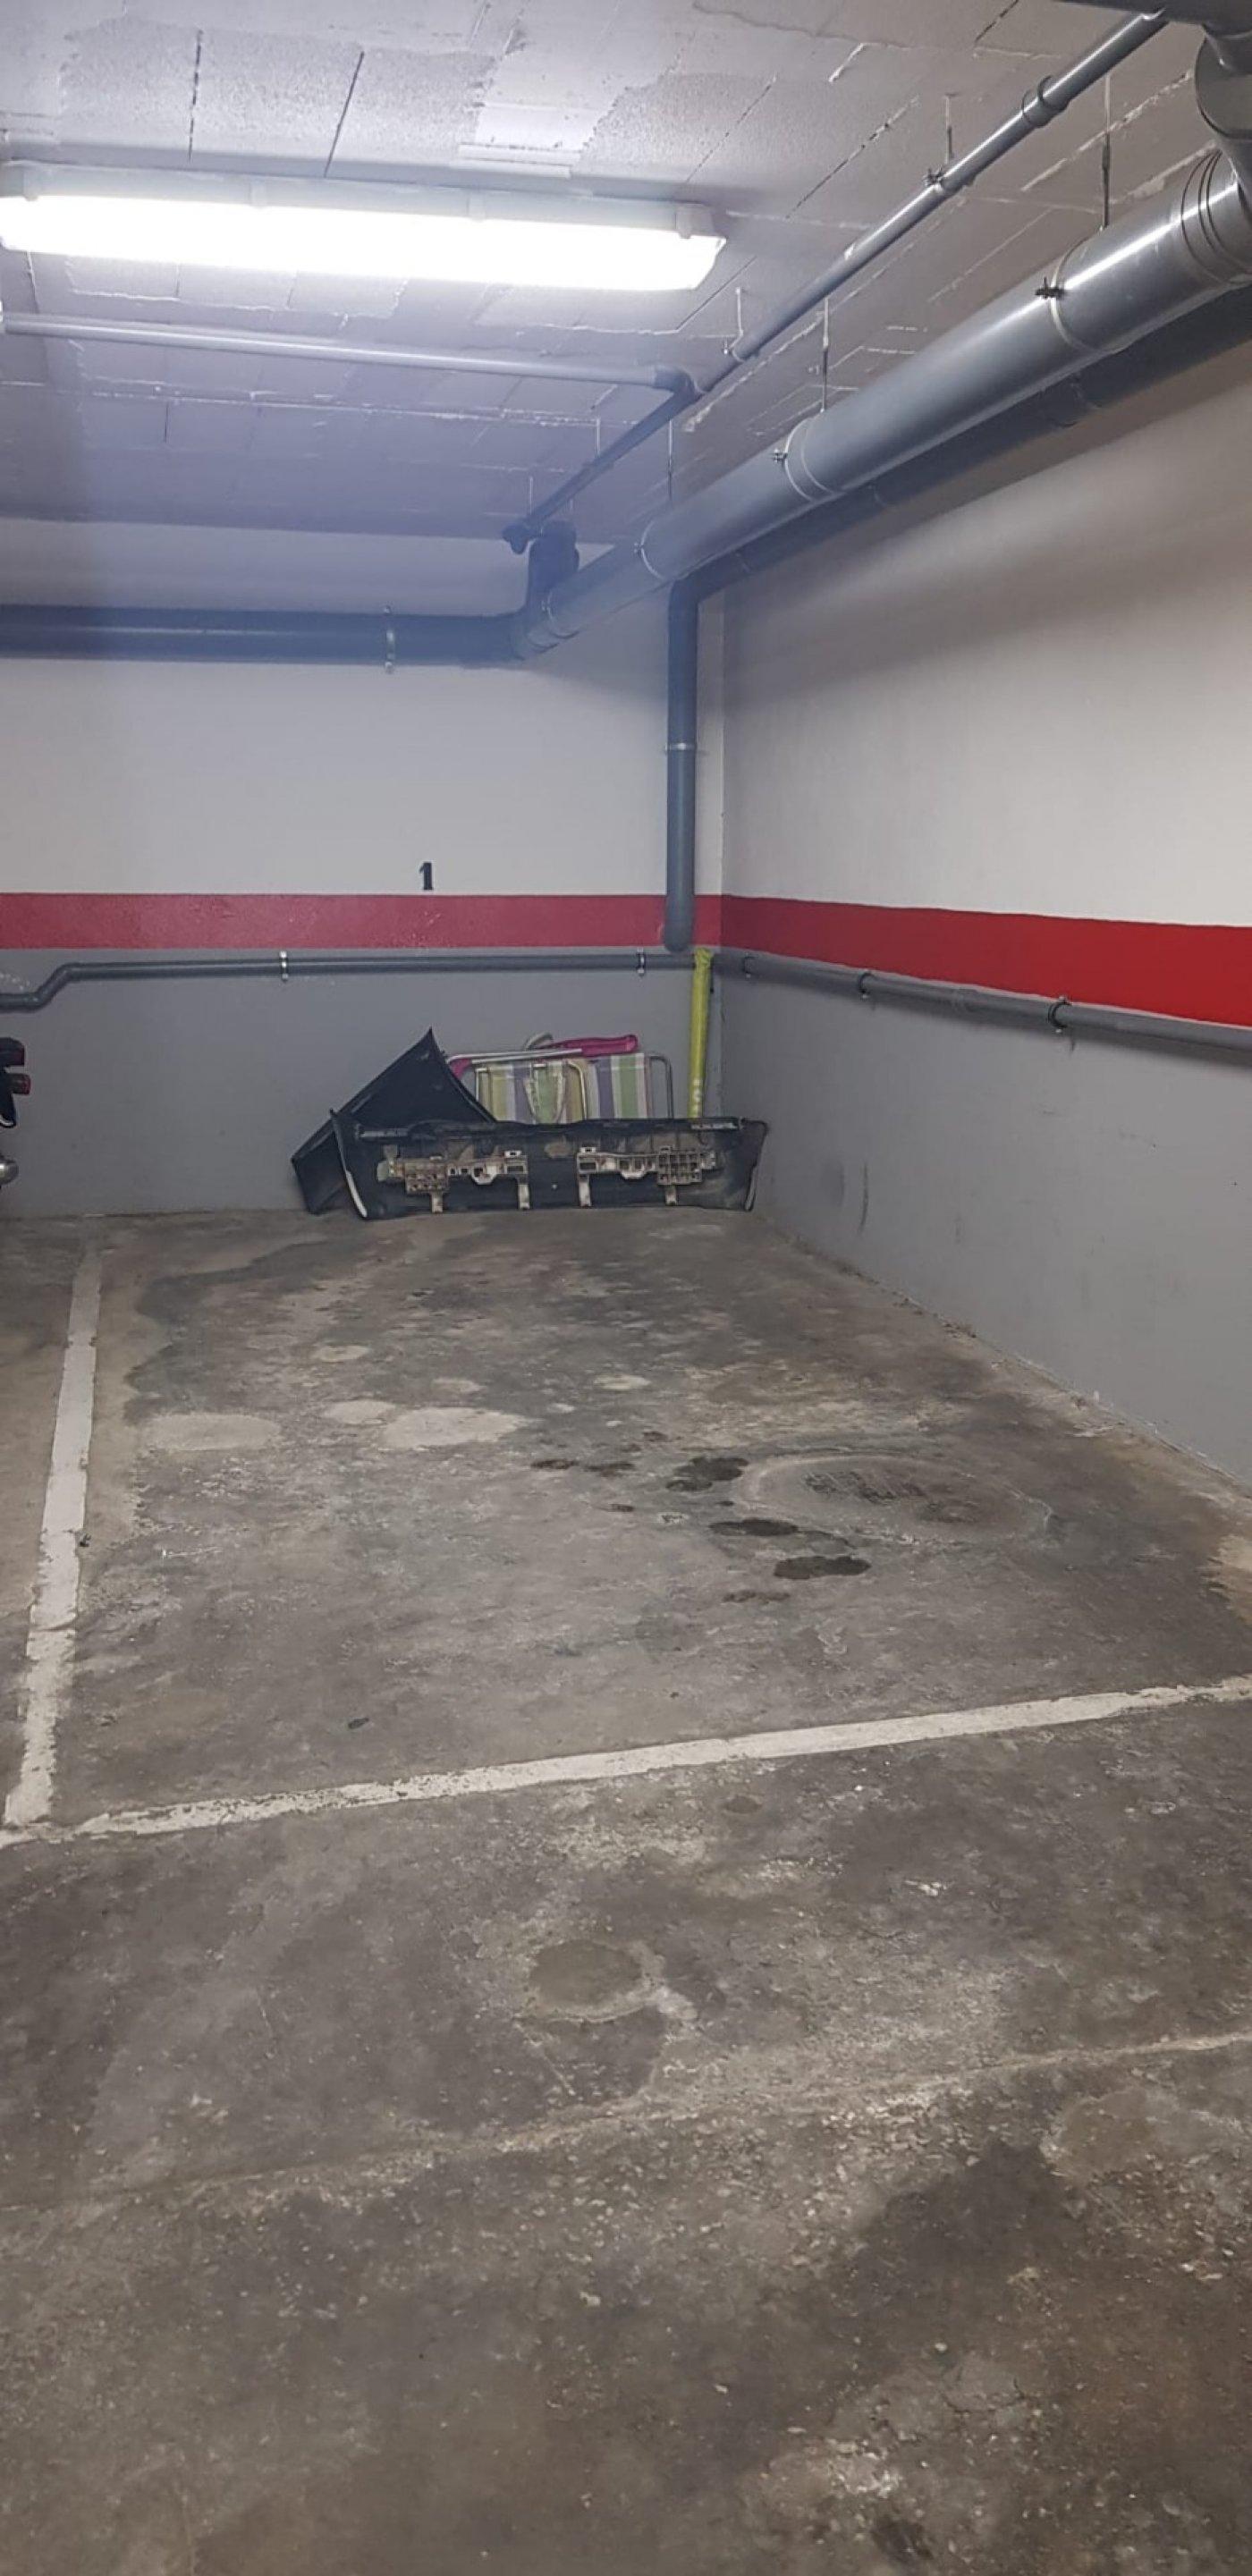 Se vende bonito apartamento semi nuevo con parking en andratx - imagenInmueble22